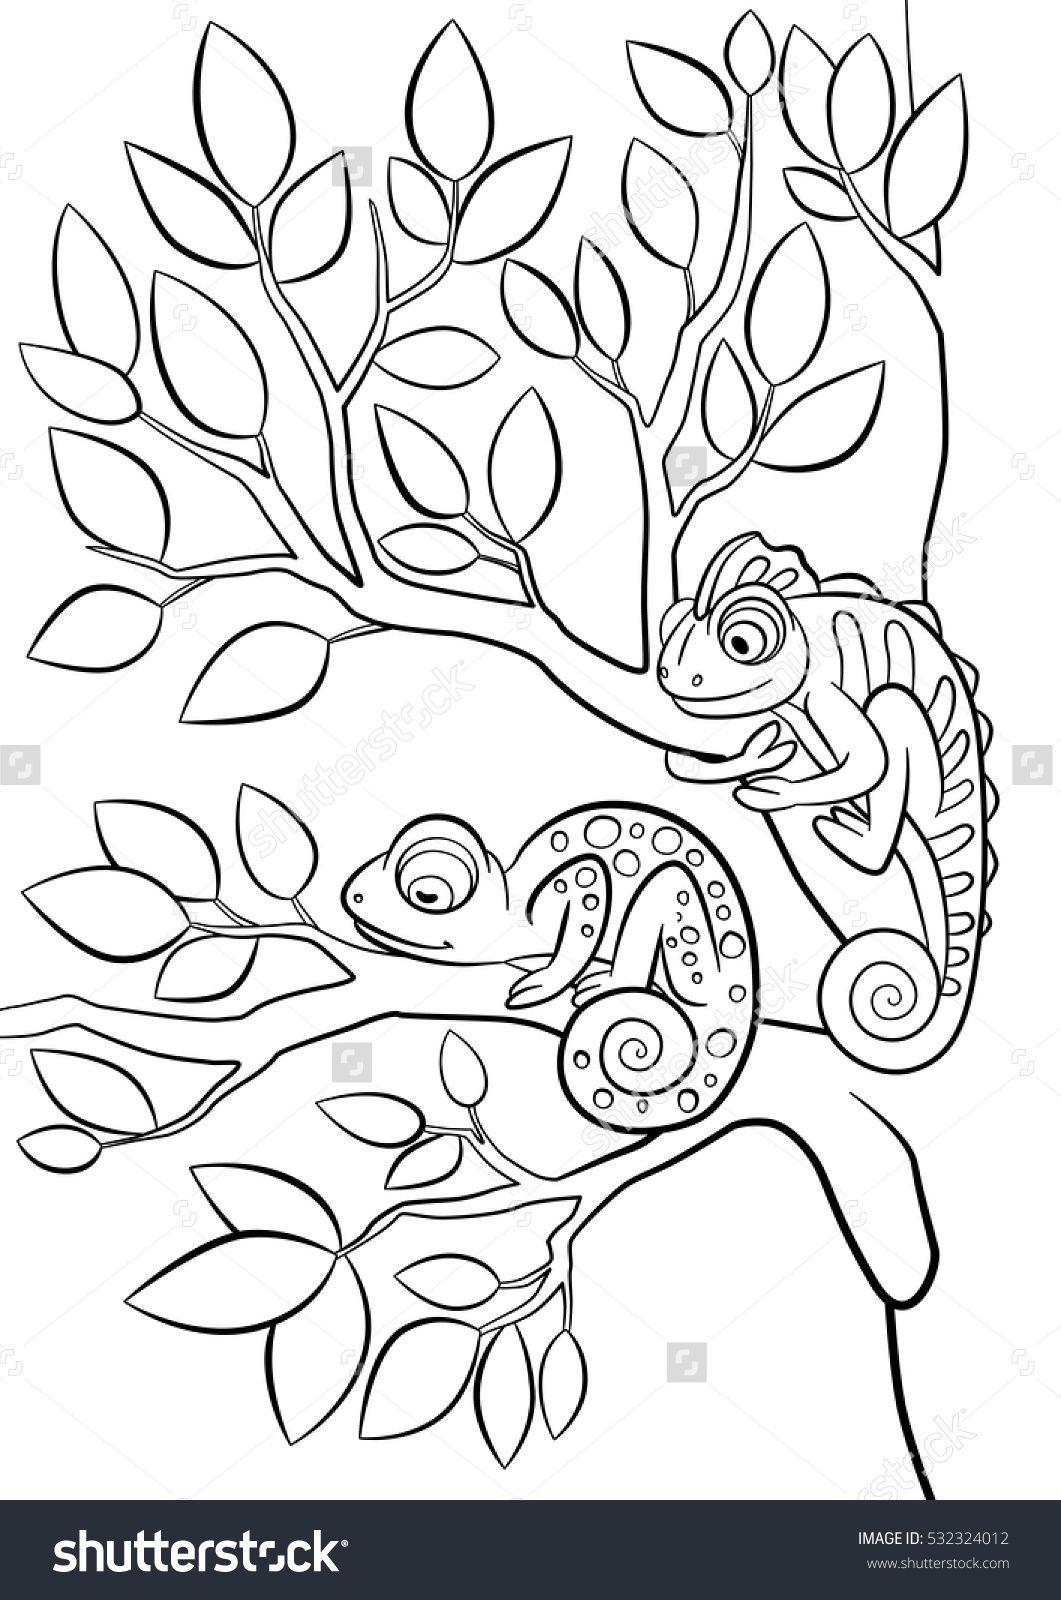 Pin Op Kameleon S Een Kleur Van Zichzelf